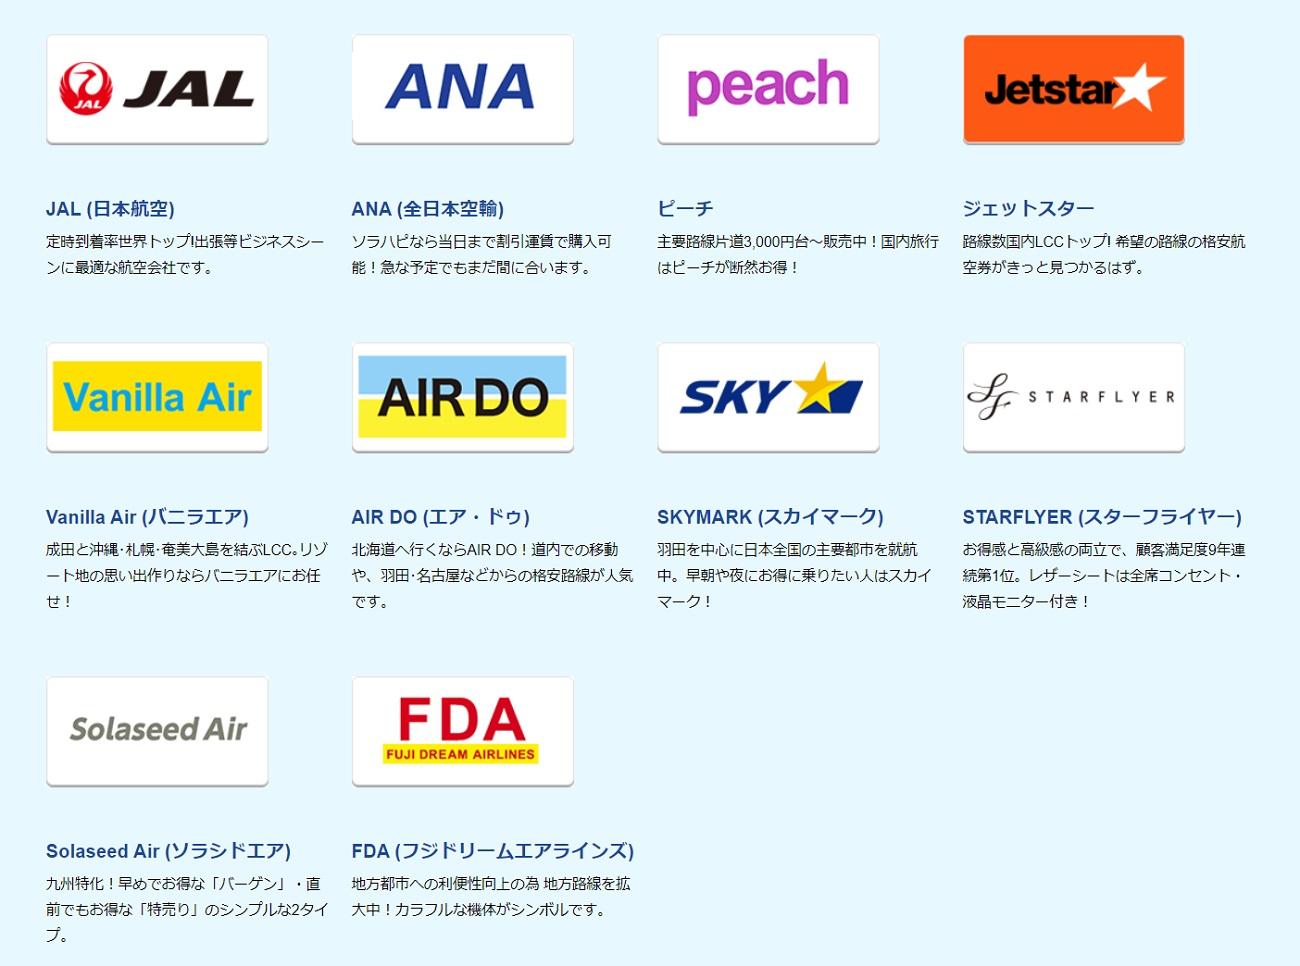 ソラハピは国内航空会社10社を比較できる